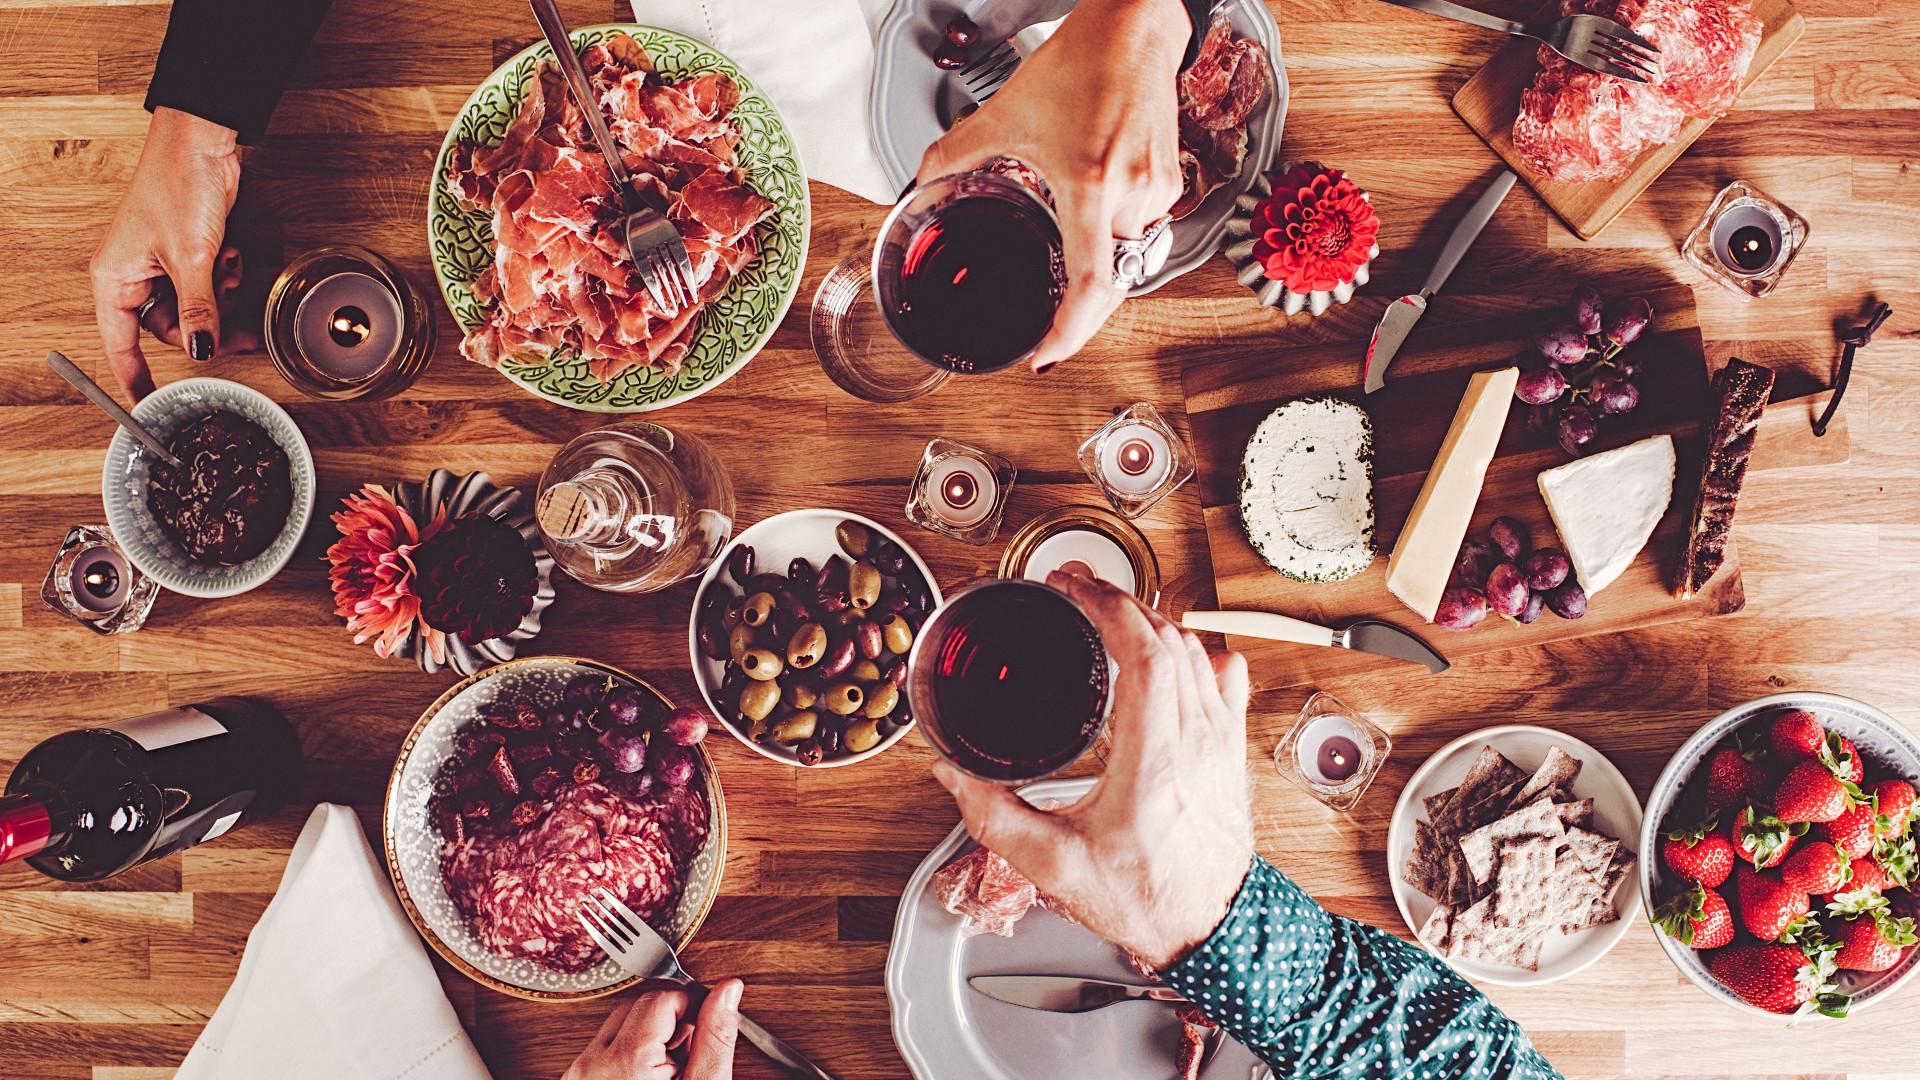 Contra a barriga inchada dos excessos à mesa, é isto que deve comer